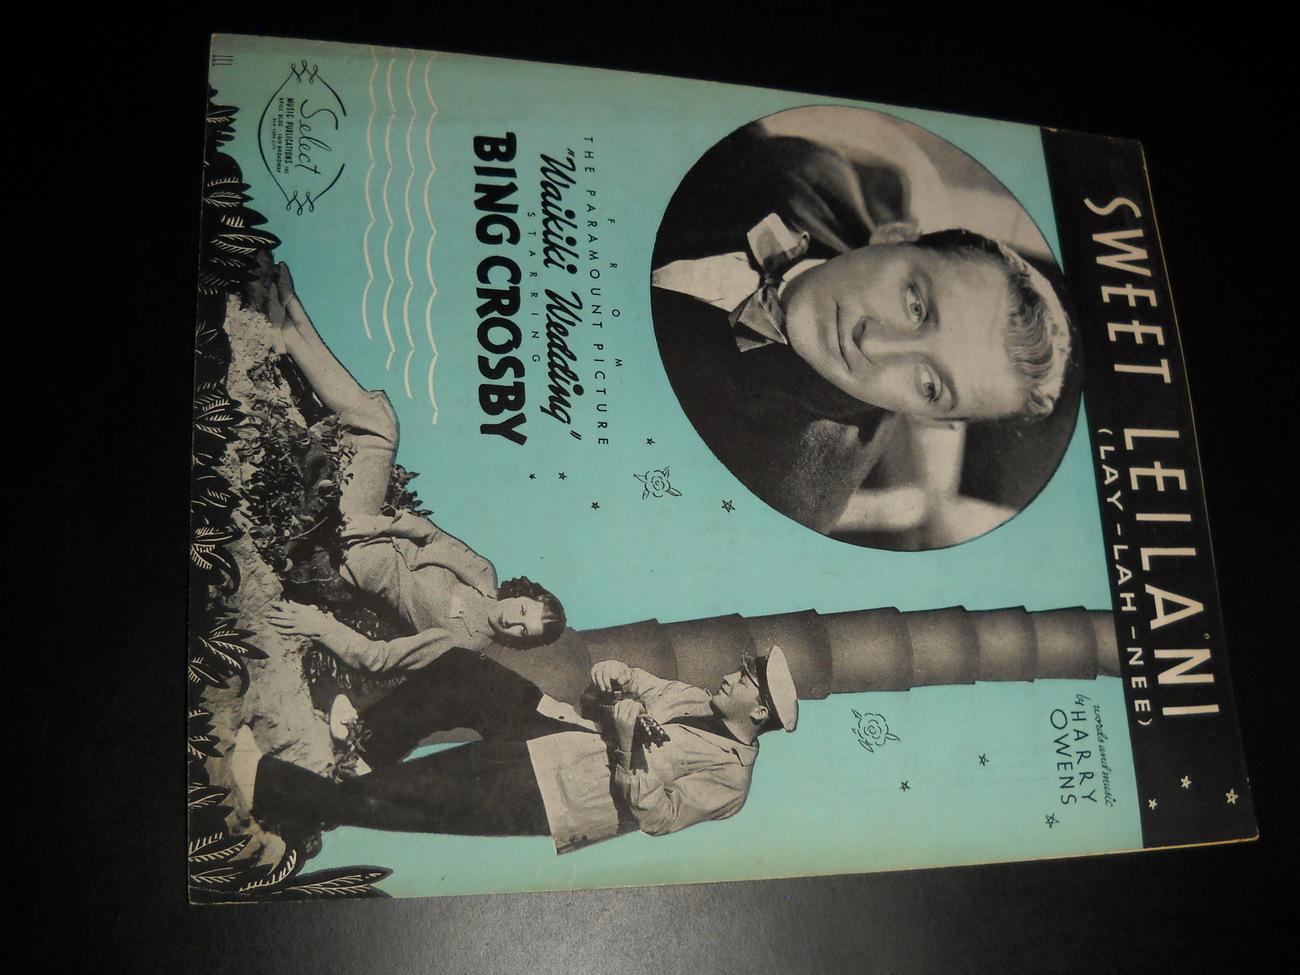 Sheet_music_sweet_leilani_waikiki_wedding_crosby_paramount_1937_select_music_01